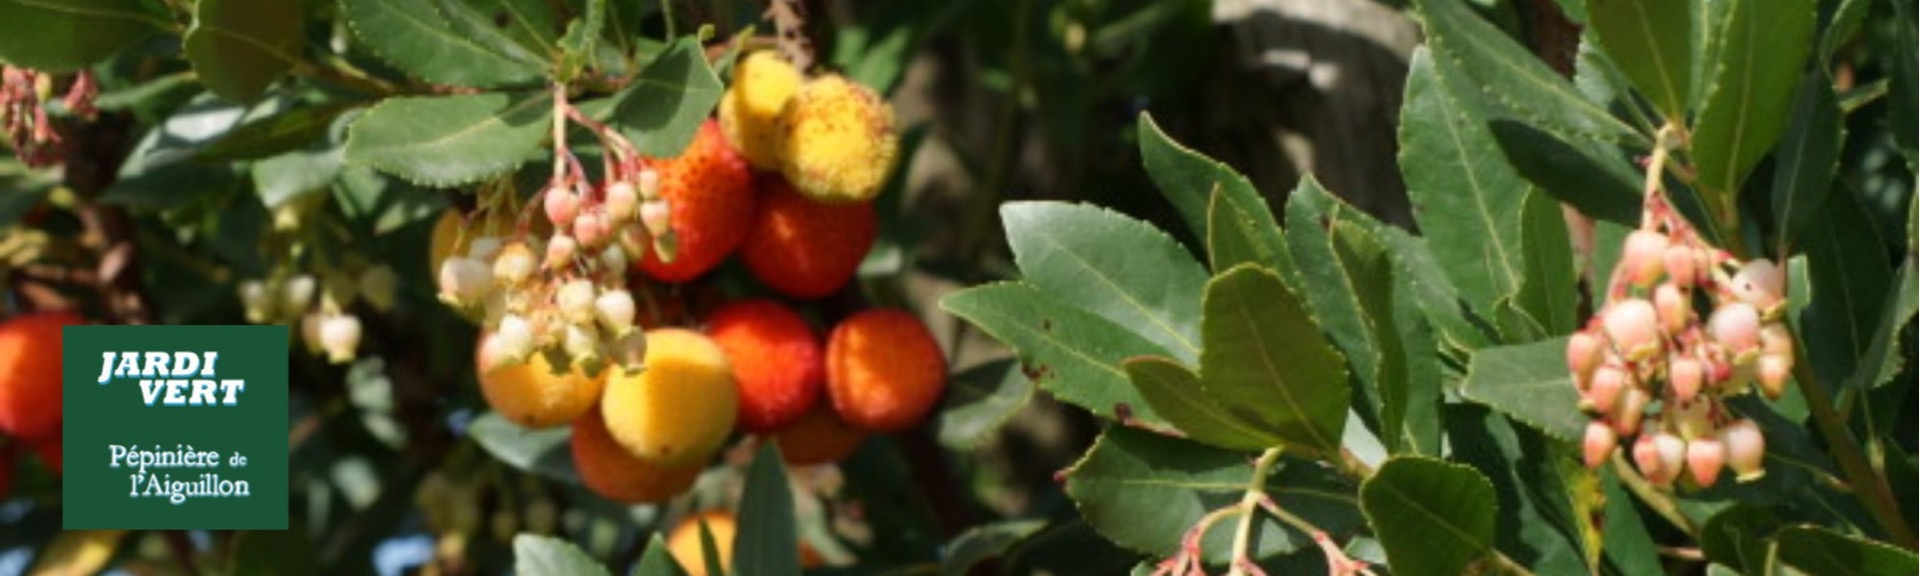 Vente de plantes à fruits arbousiers - Jardi Vert, pépinière de l'Aiguillon à Toulouse